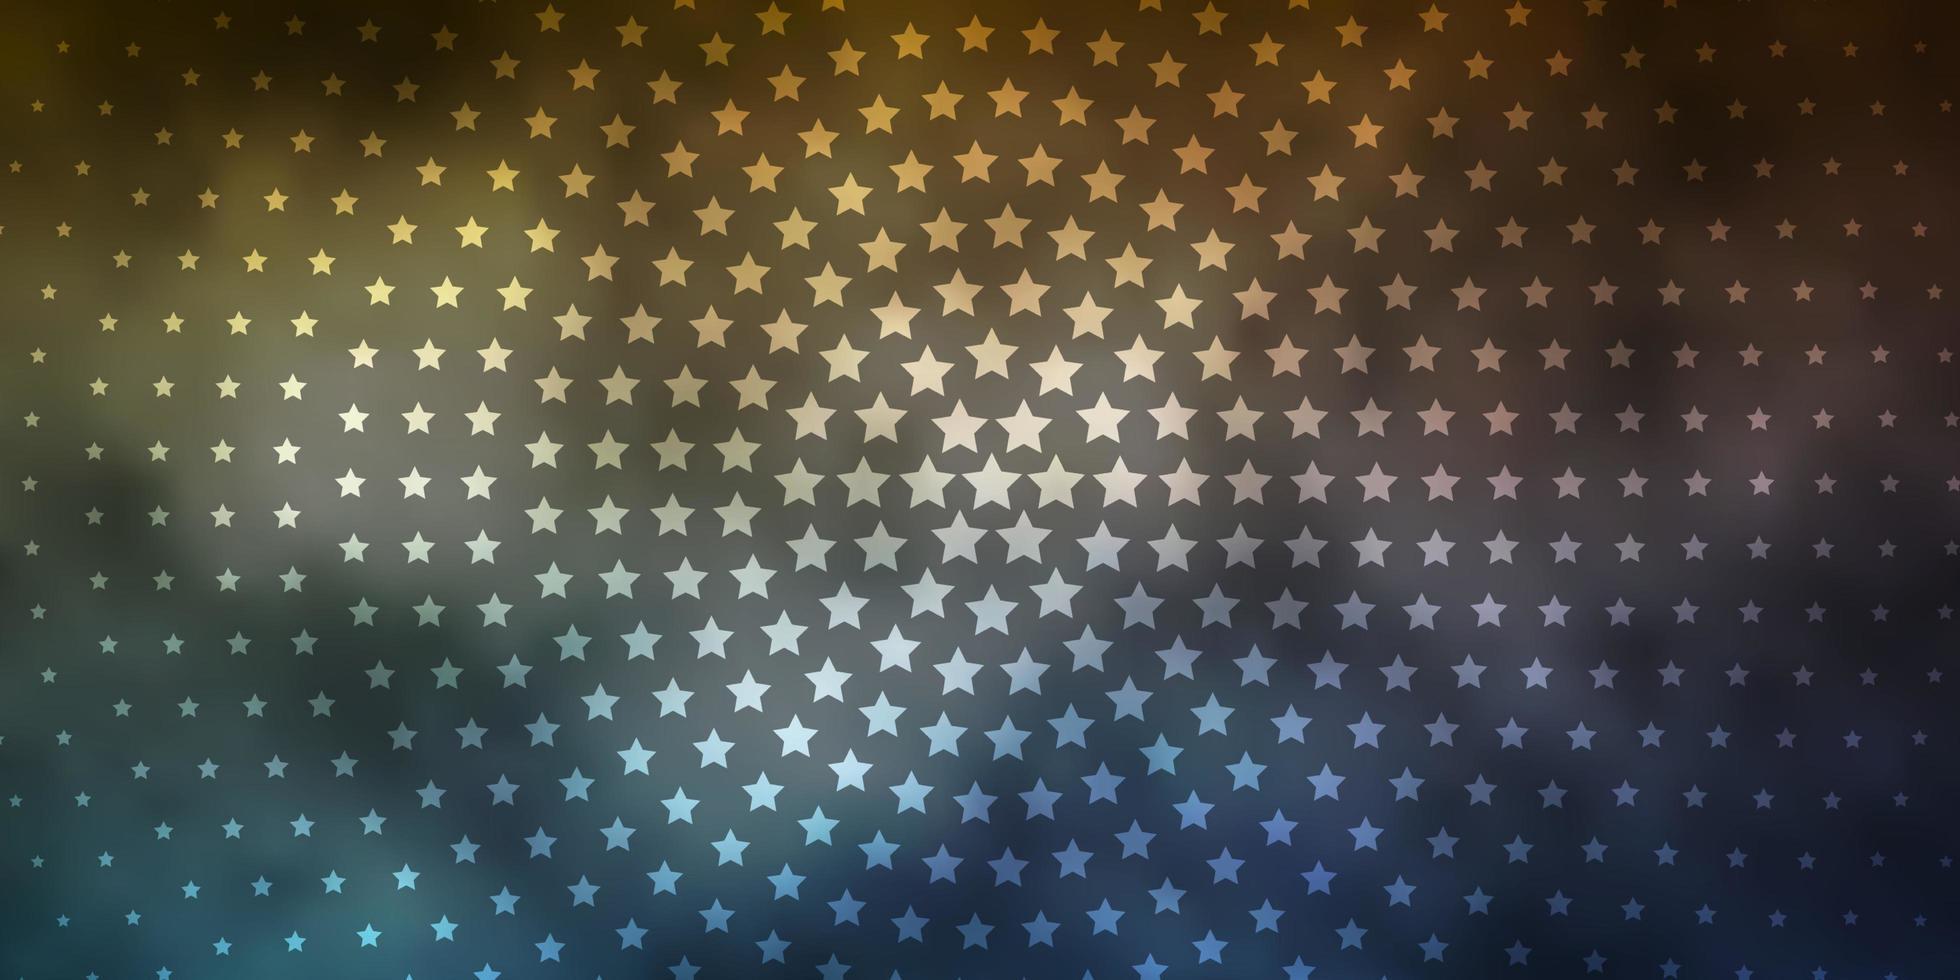 textura vector azul e vermelho claro com belas estrelas.